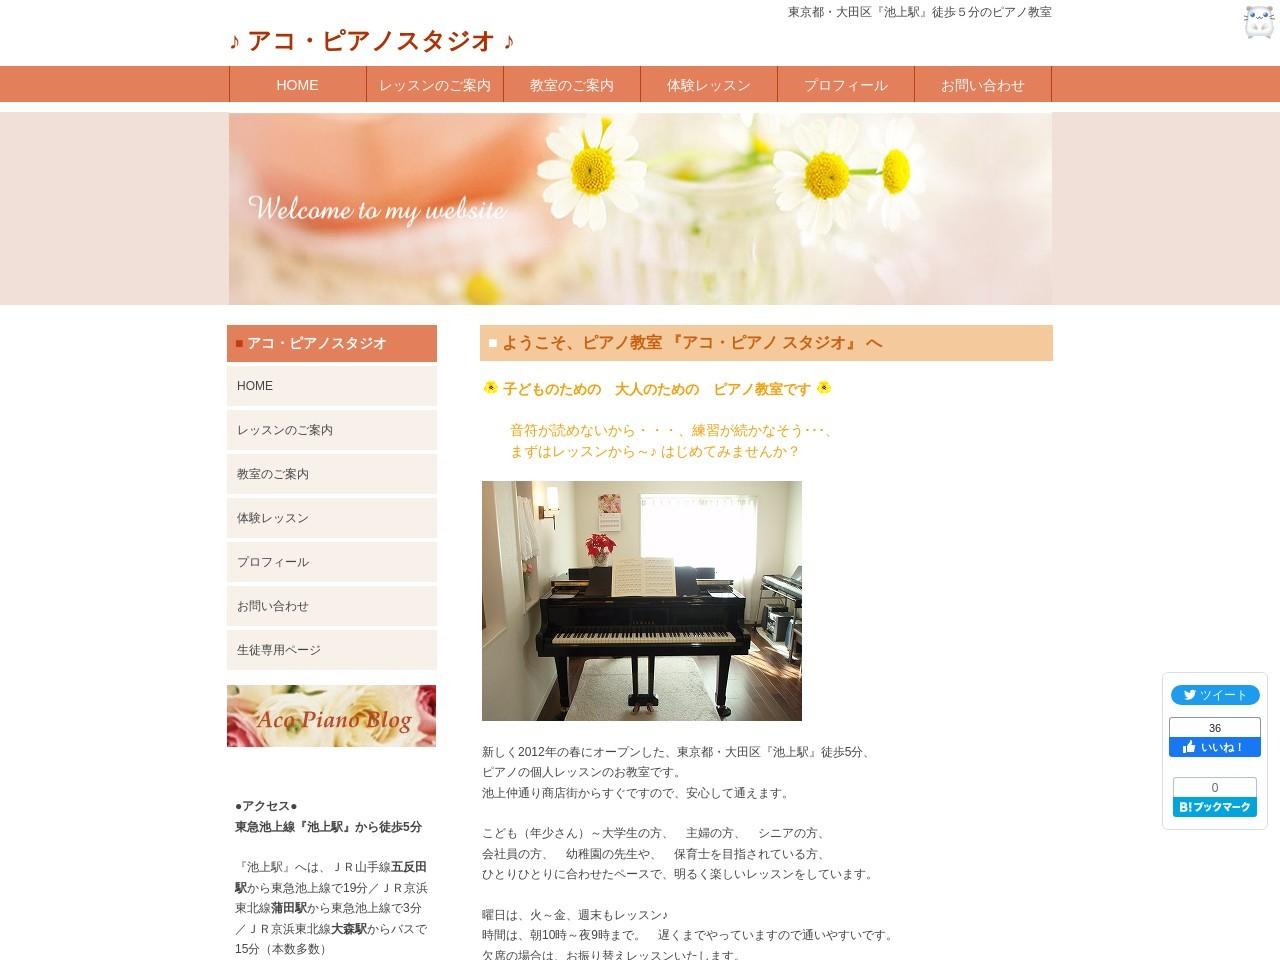 アコ・ピアノスタジオのサムネイル